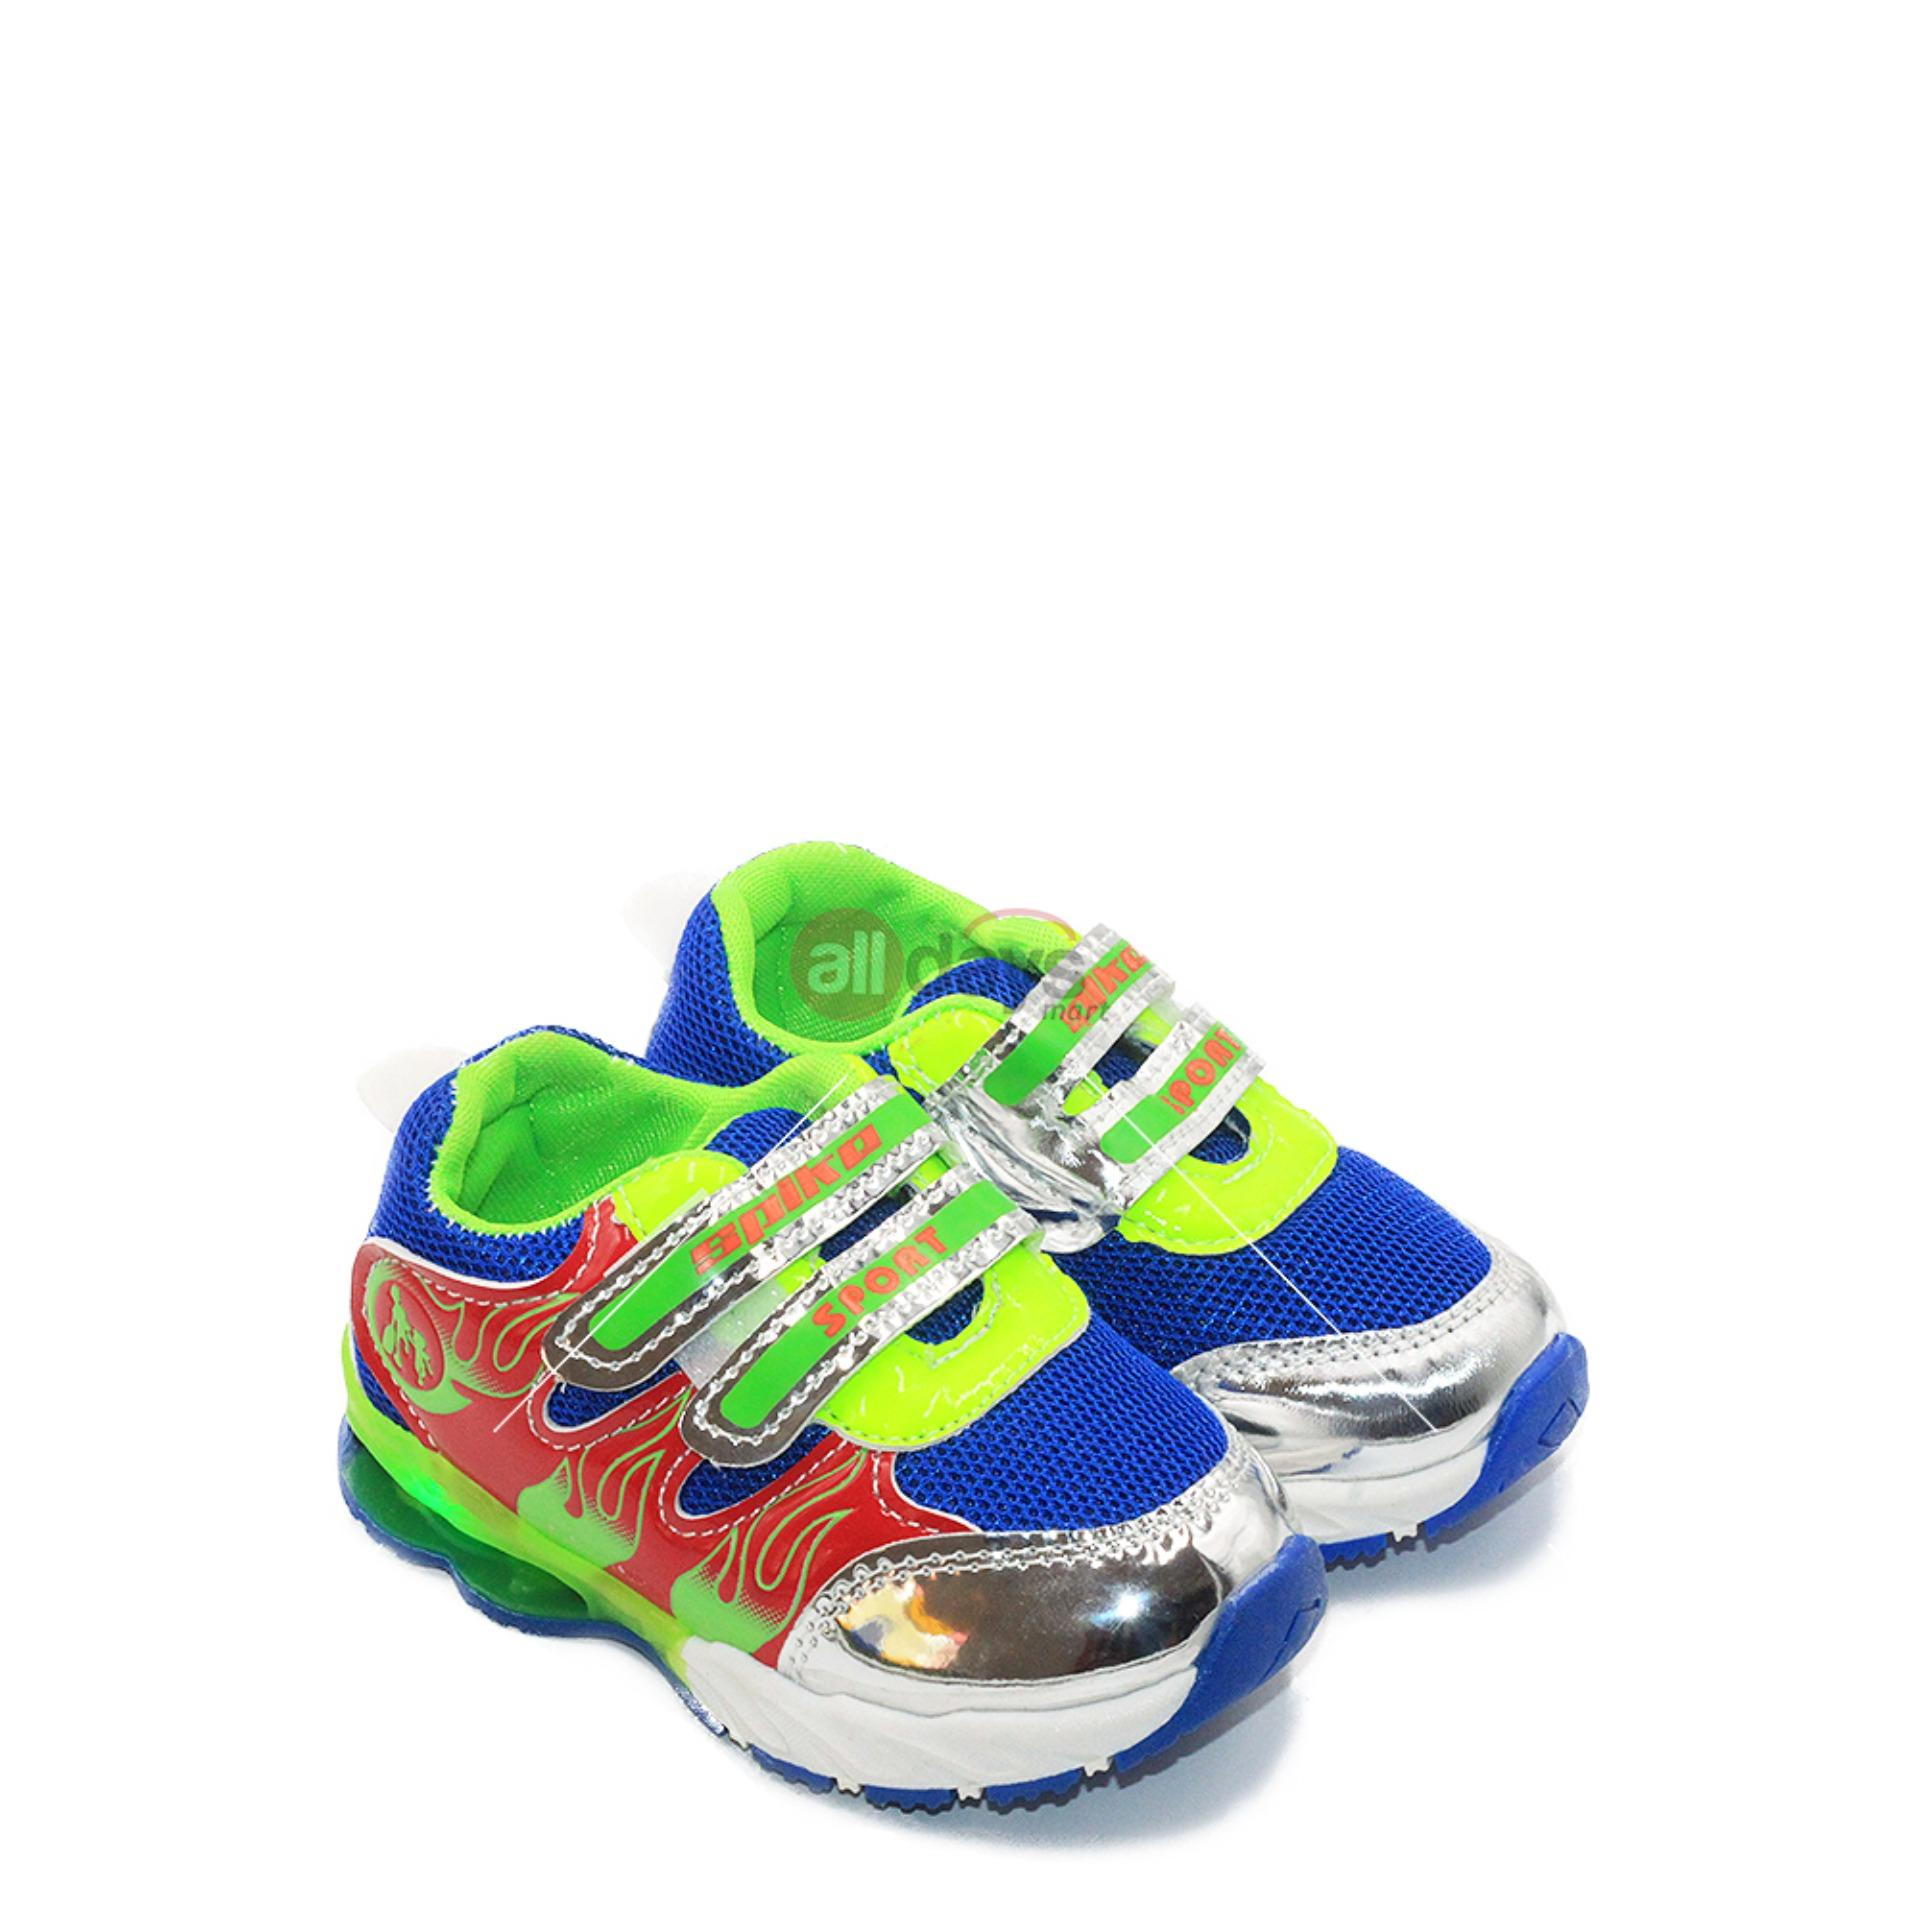 Jual Spike Sepatu Sneakers Anak Laki Laki Led Jkl 5369 Blue Ada Per Di Sol Branded Murah